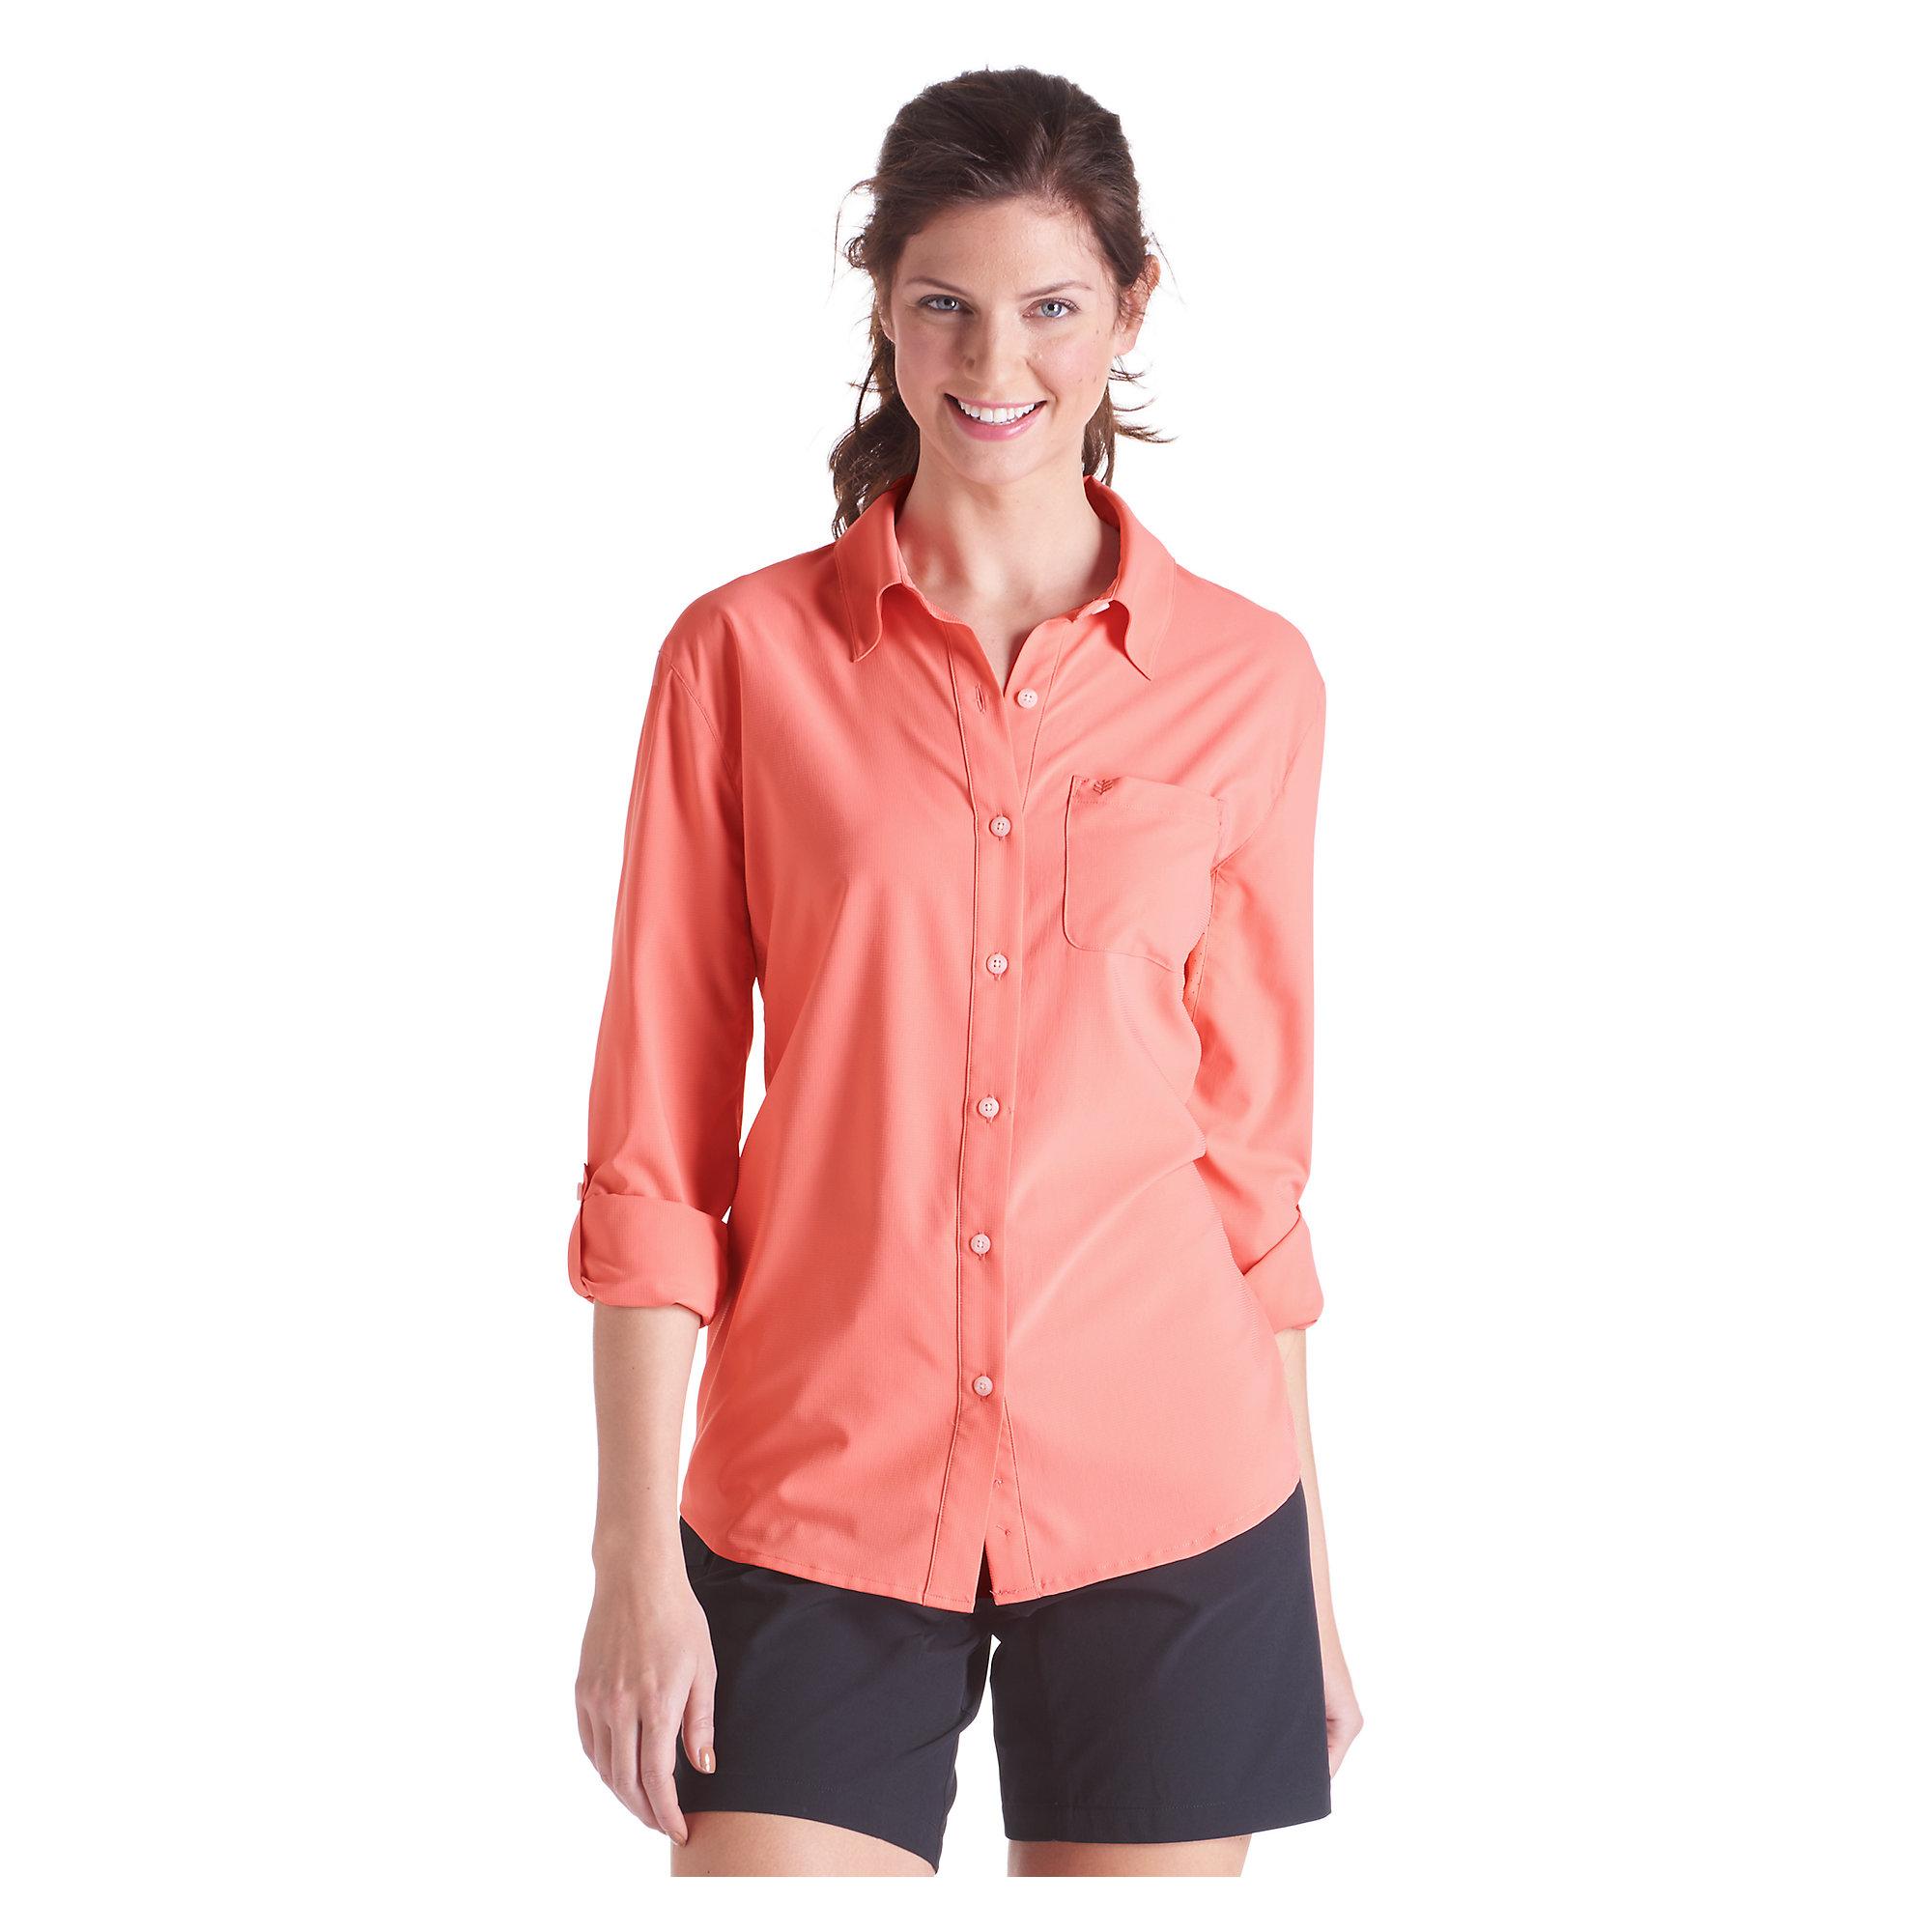 Coolibar upf 50 women 39 s sun shirt sun protective ebay for Custom sun protection shirts